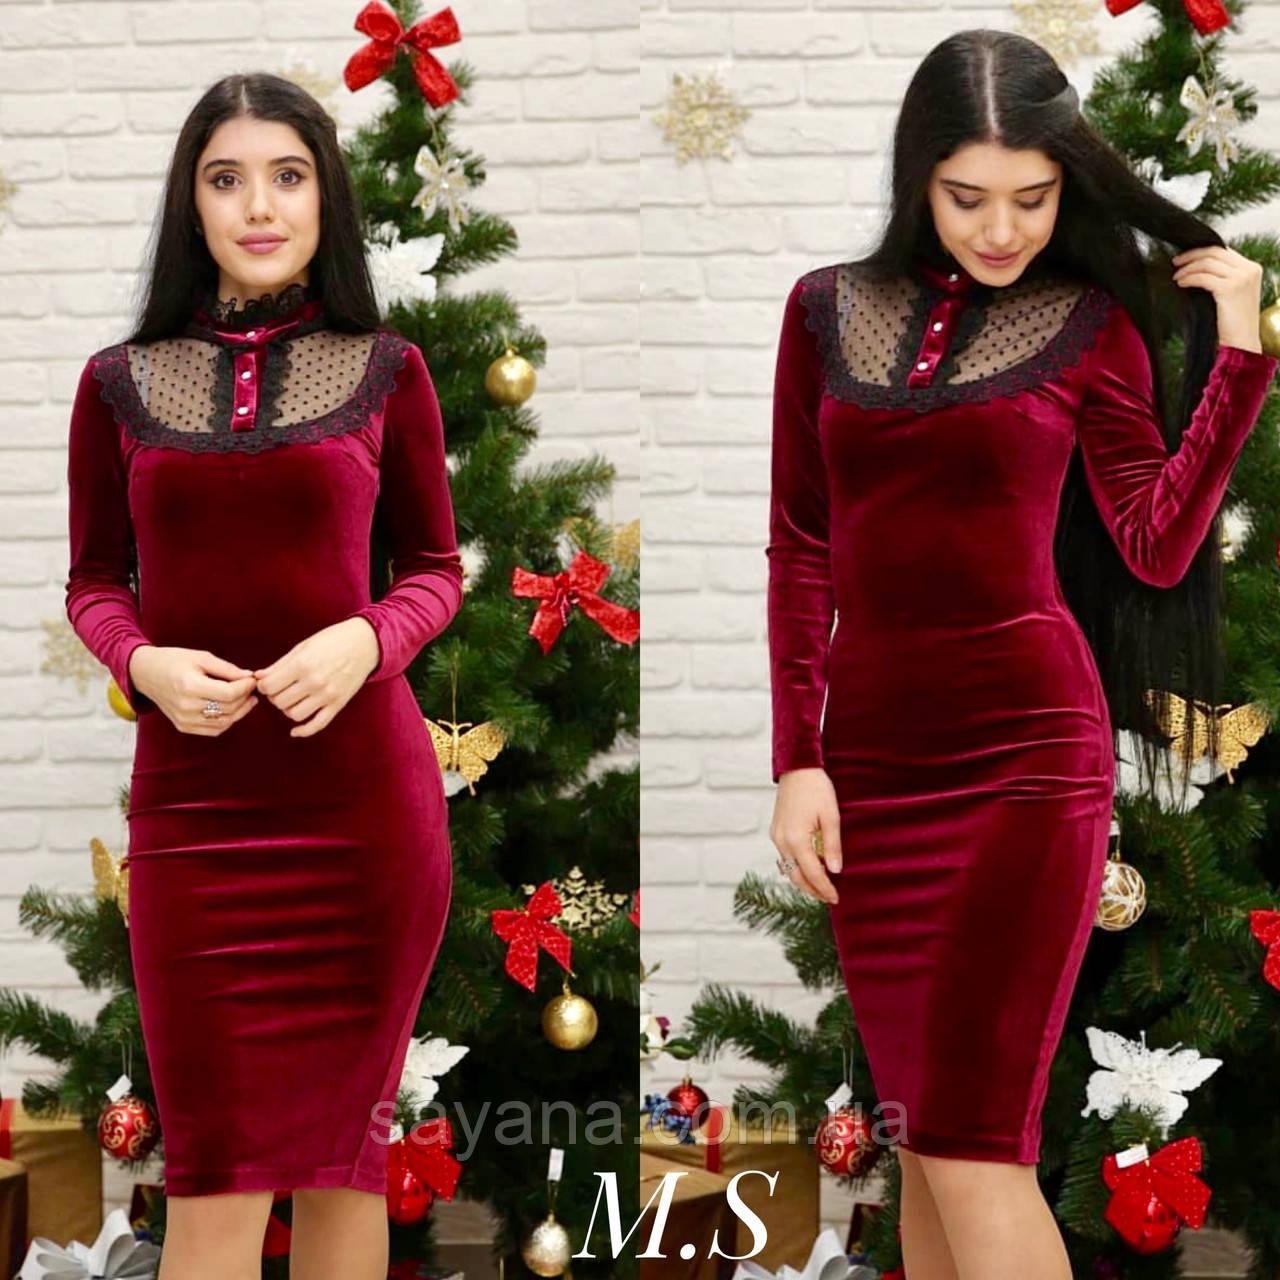 8835526de10 Женское шикарное платье из бархата и кружева в расцветках. МК-5-1118 ...